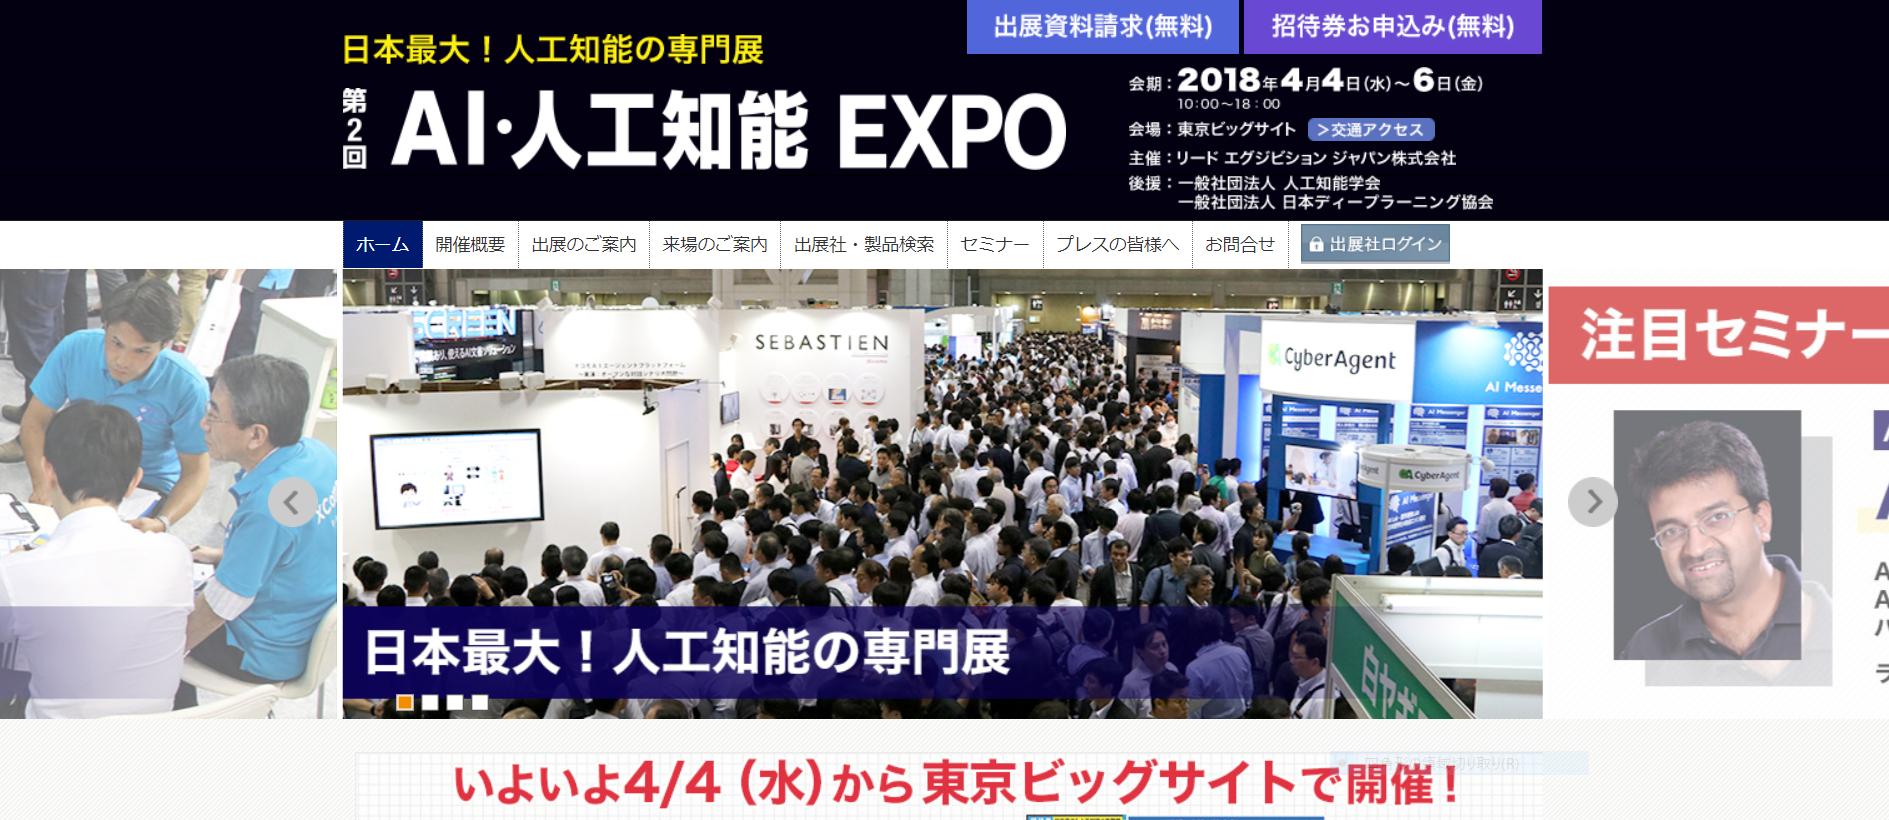 第2回AI・人工知能EXPOのお知らせ